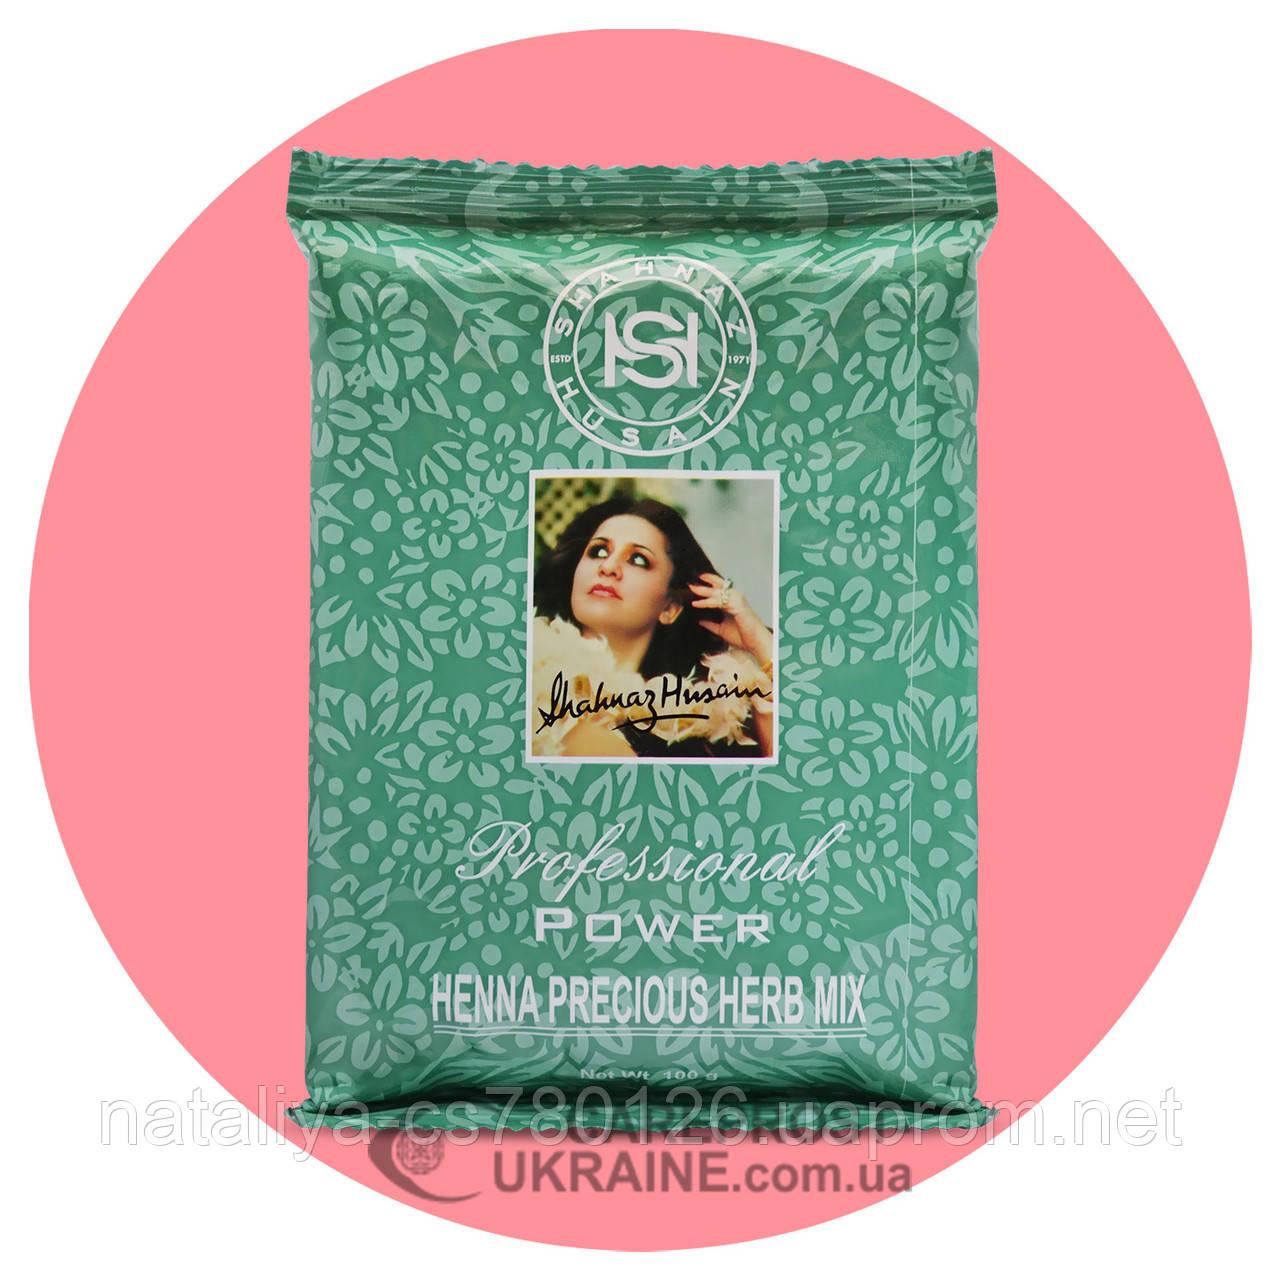 Хна для волос Шахназ Хусейн (Henna Precious Herb Mix Shahnaz Husain), в упаковке 100 г